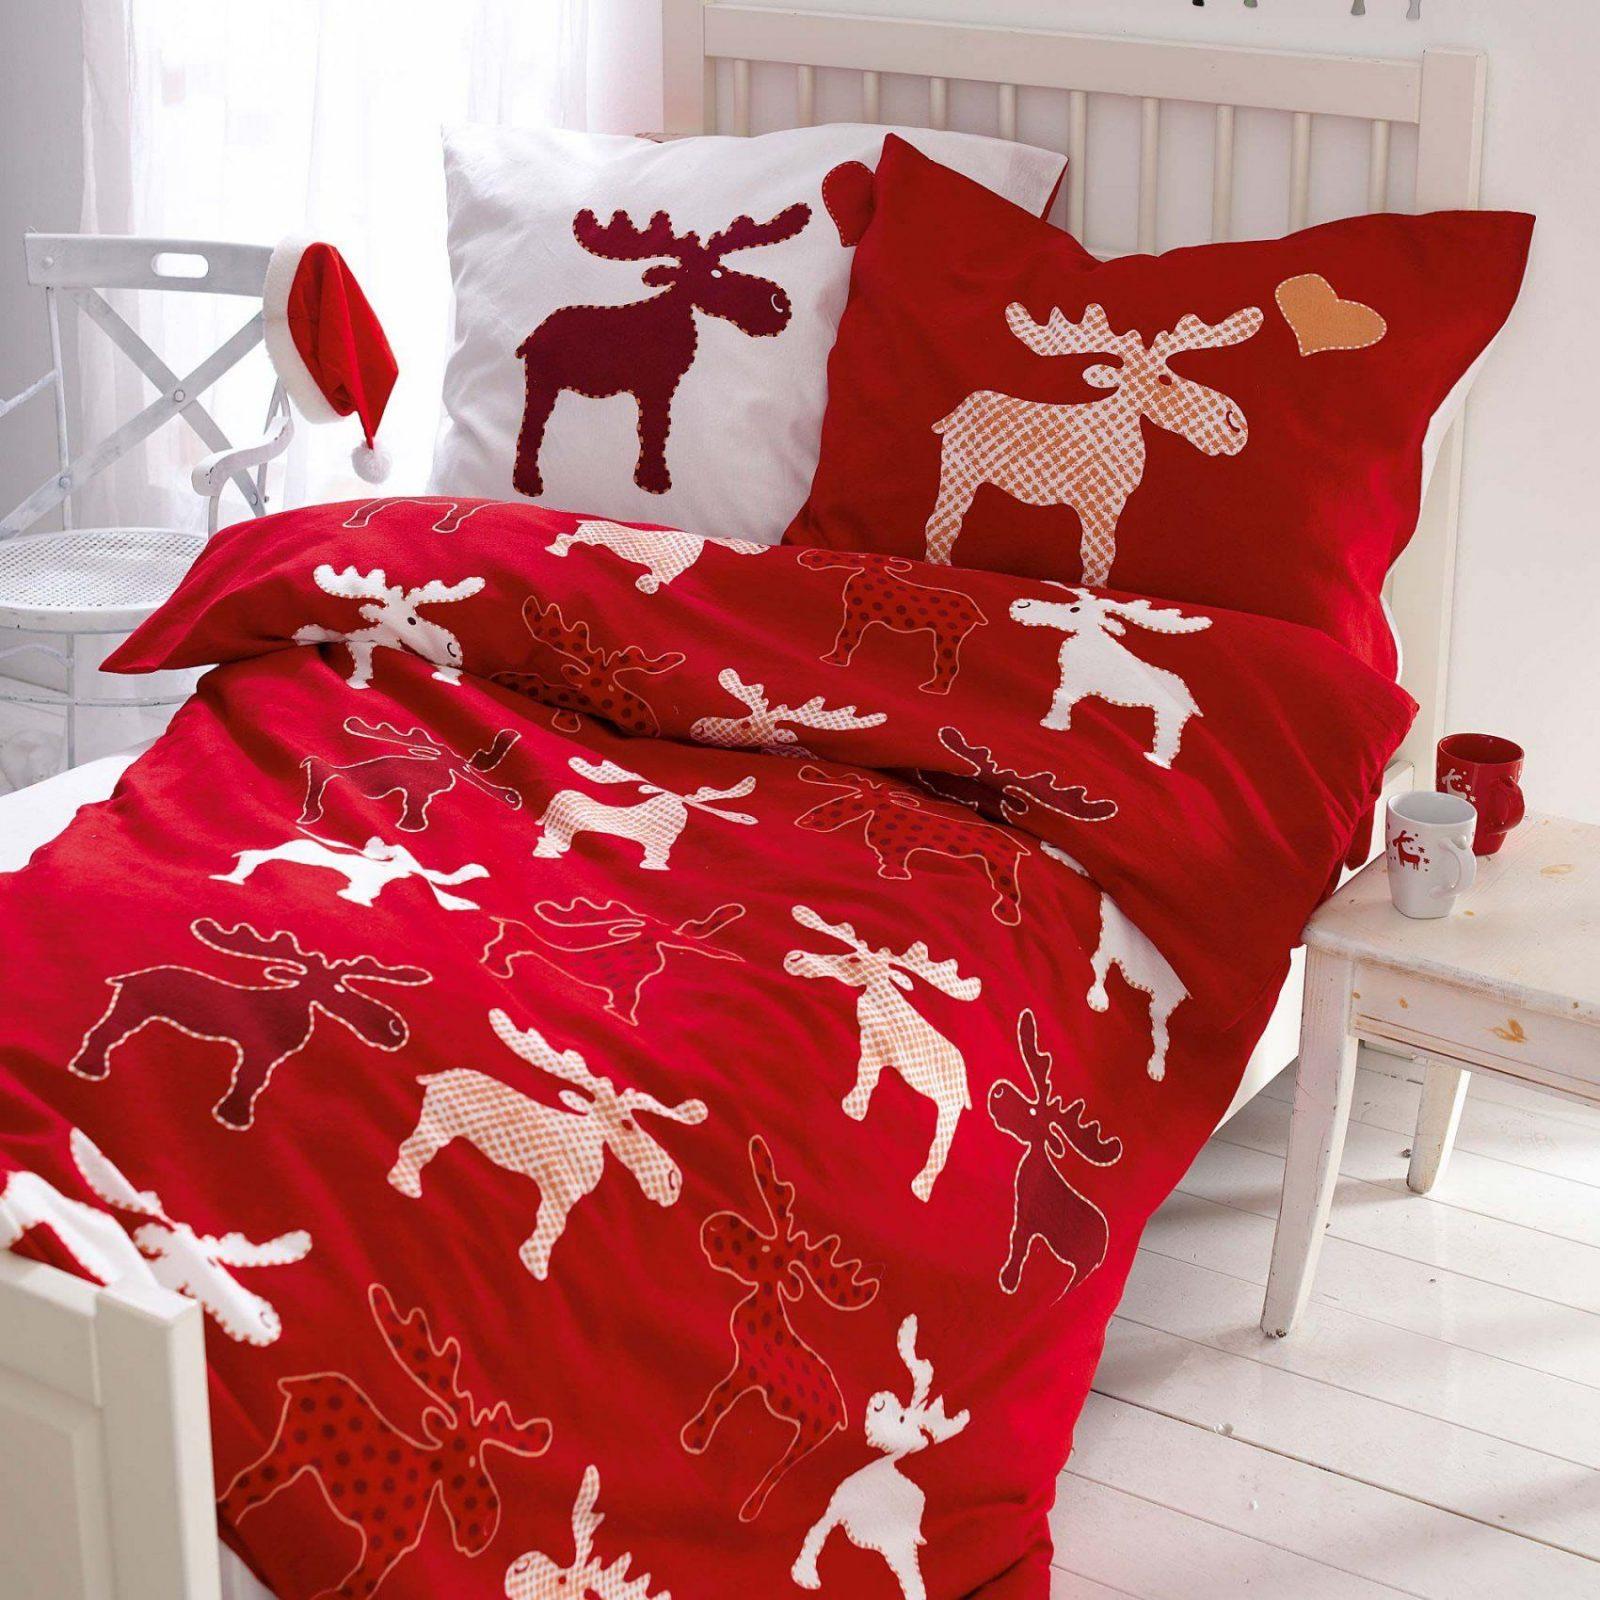 Bettwäsche 155x220 Weihnachten Mako Satin Bettwäsche Garnitur813